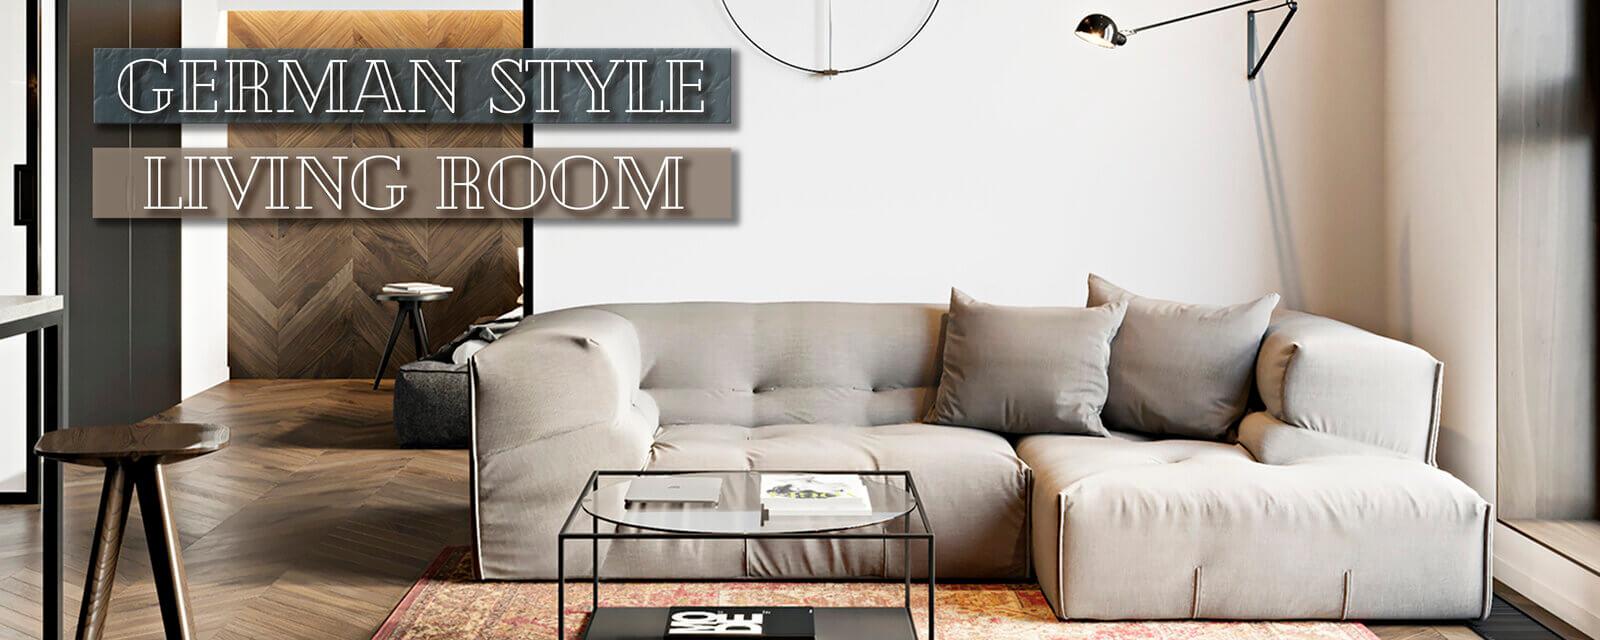 German Style | Living Room